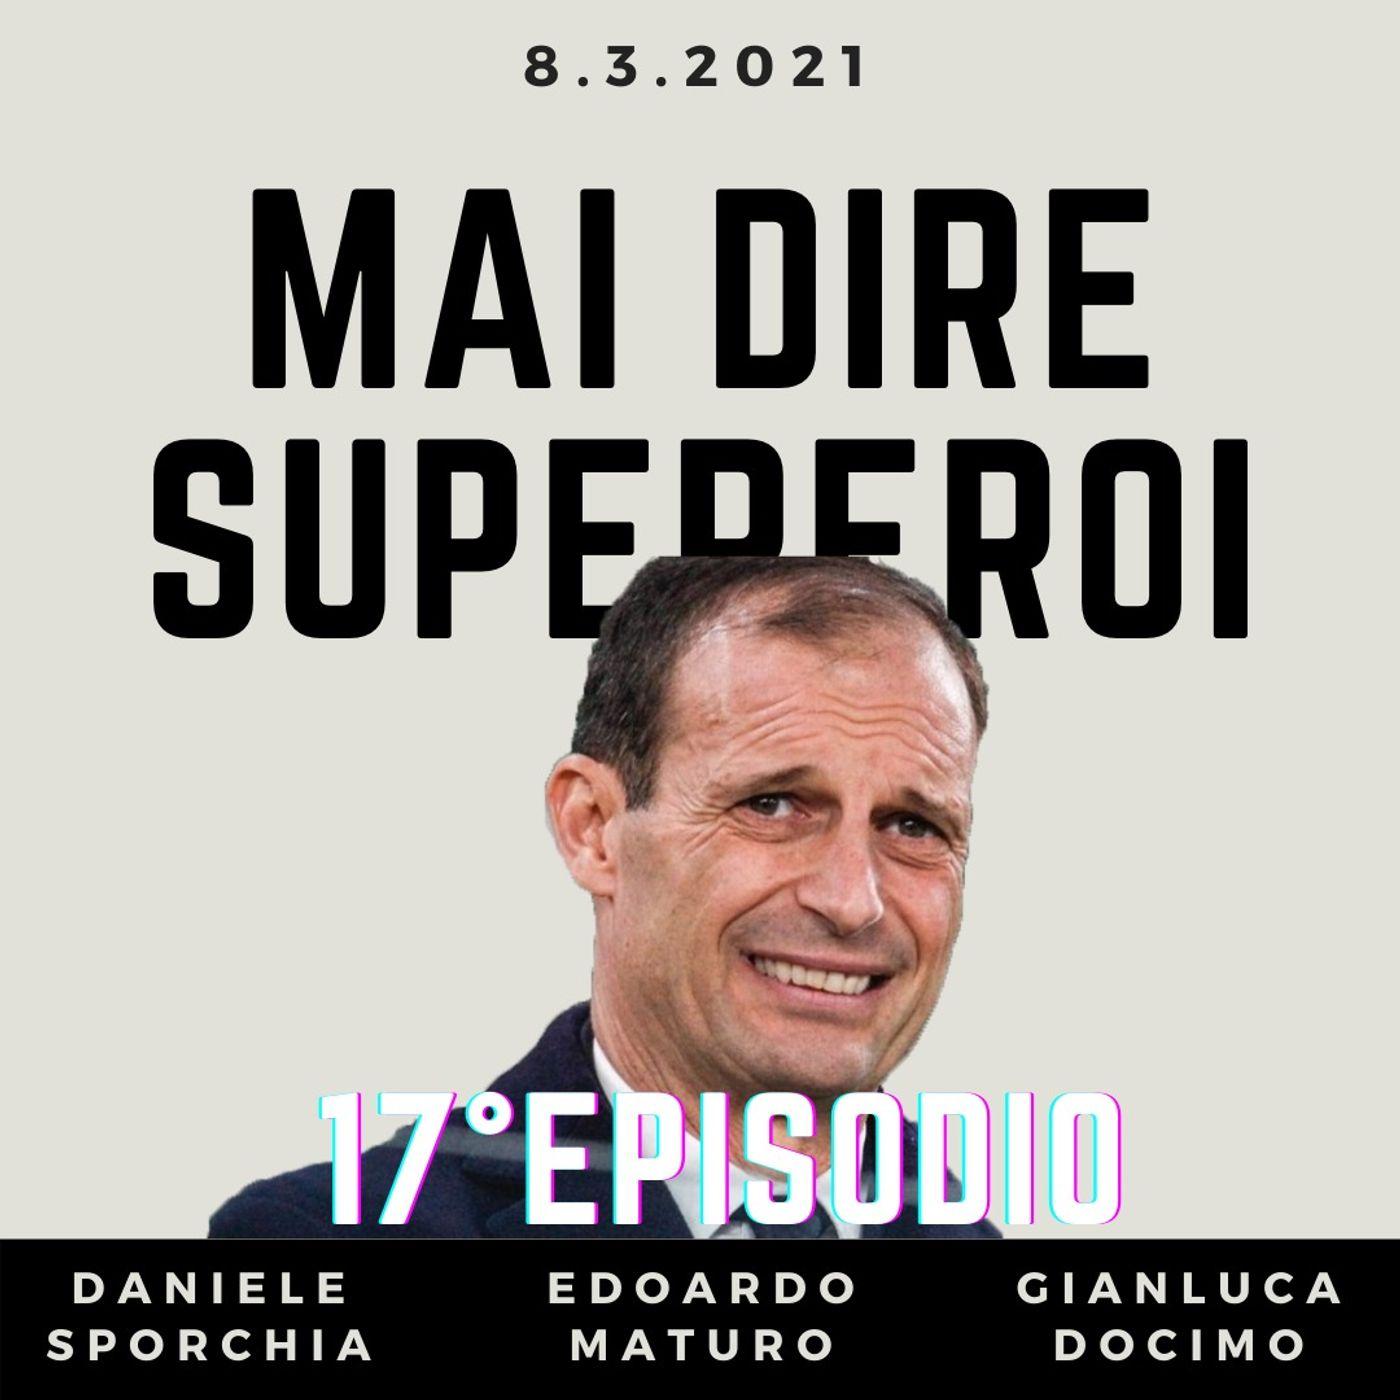 MAI DIRE SUPEREROI - 17° EPISODIO